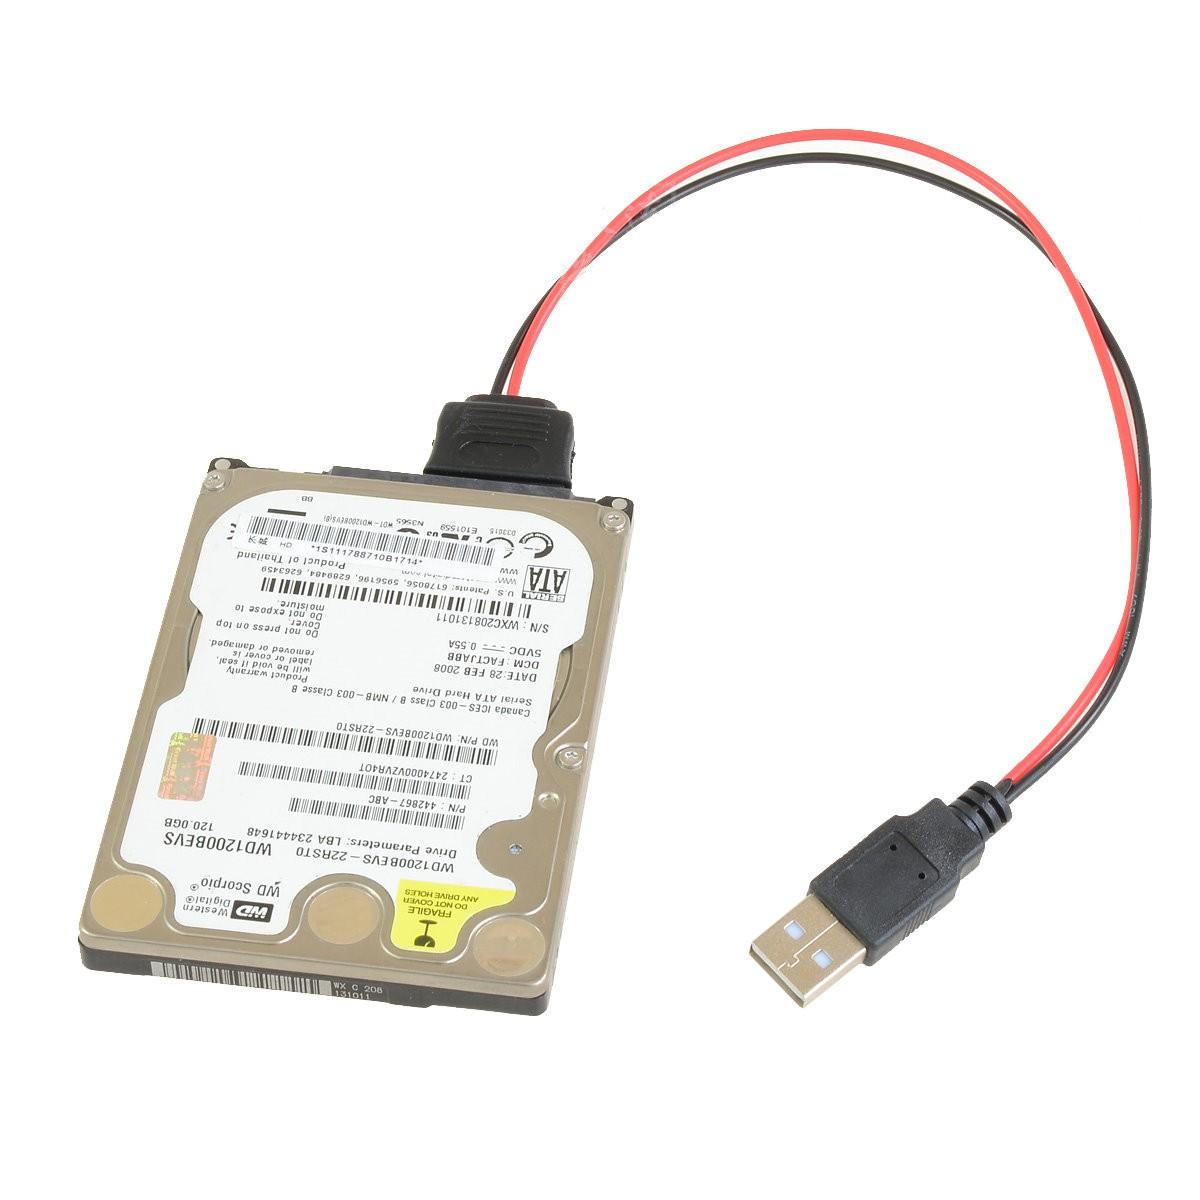 hight resolution of molex to sata wiring diagram nemetas aufgegabelt info gigabit ethernet cable wiring diagram sata cable wiring